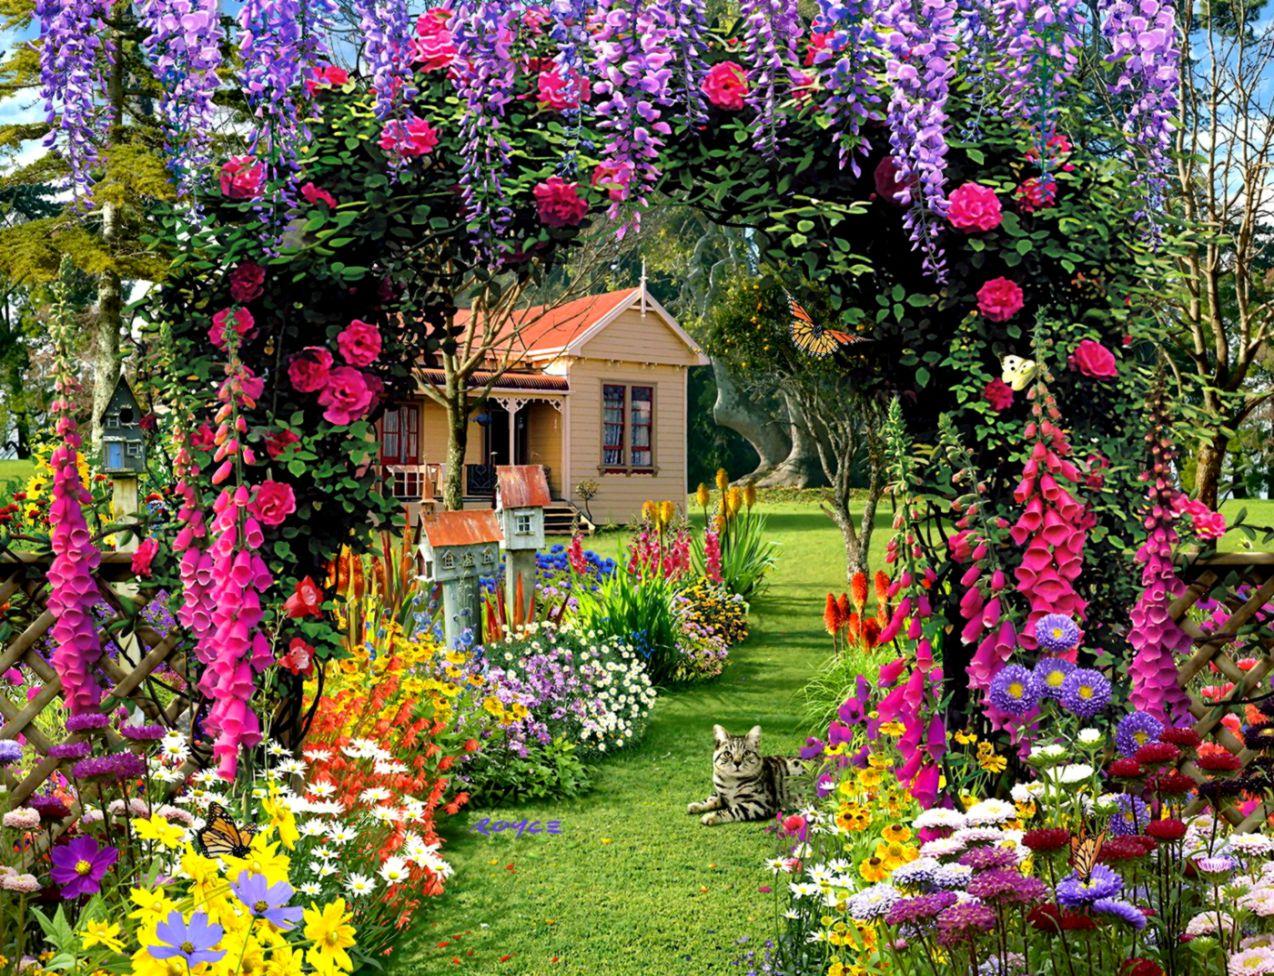 Flower Garden Wallpaper Or Background diariesofafashionfreak 1274x976